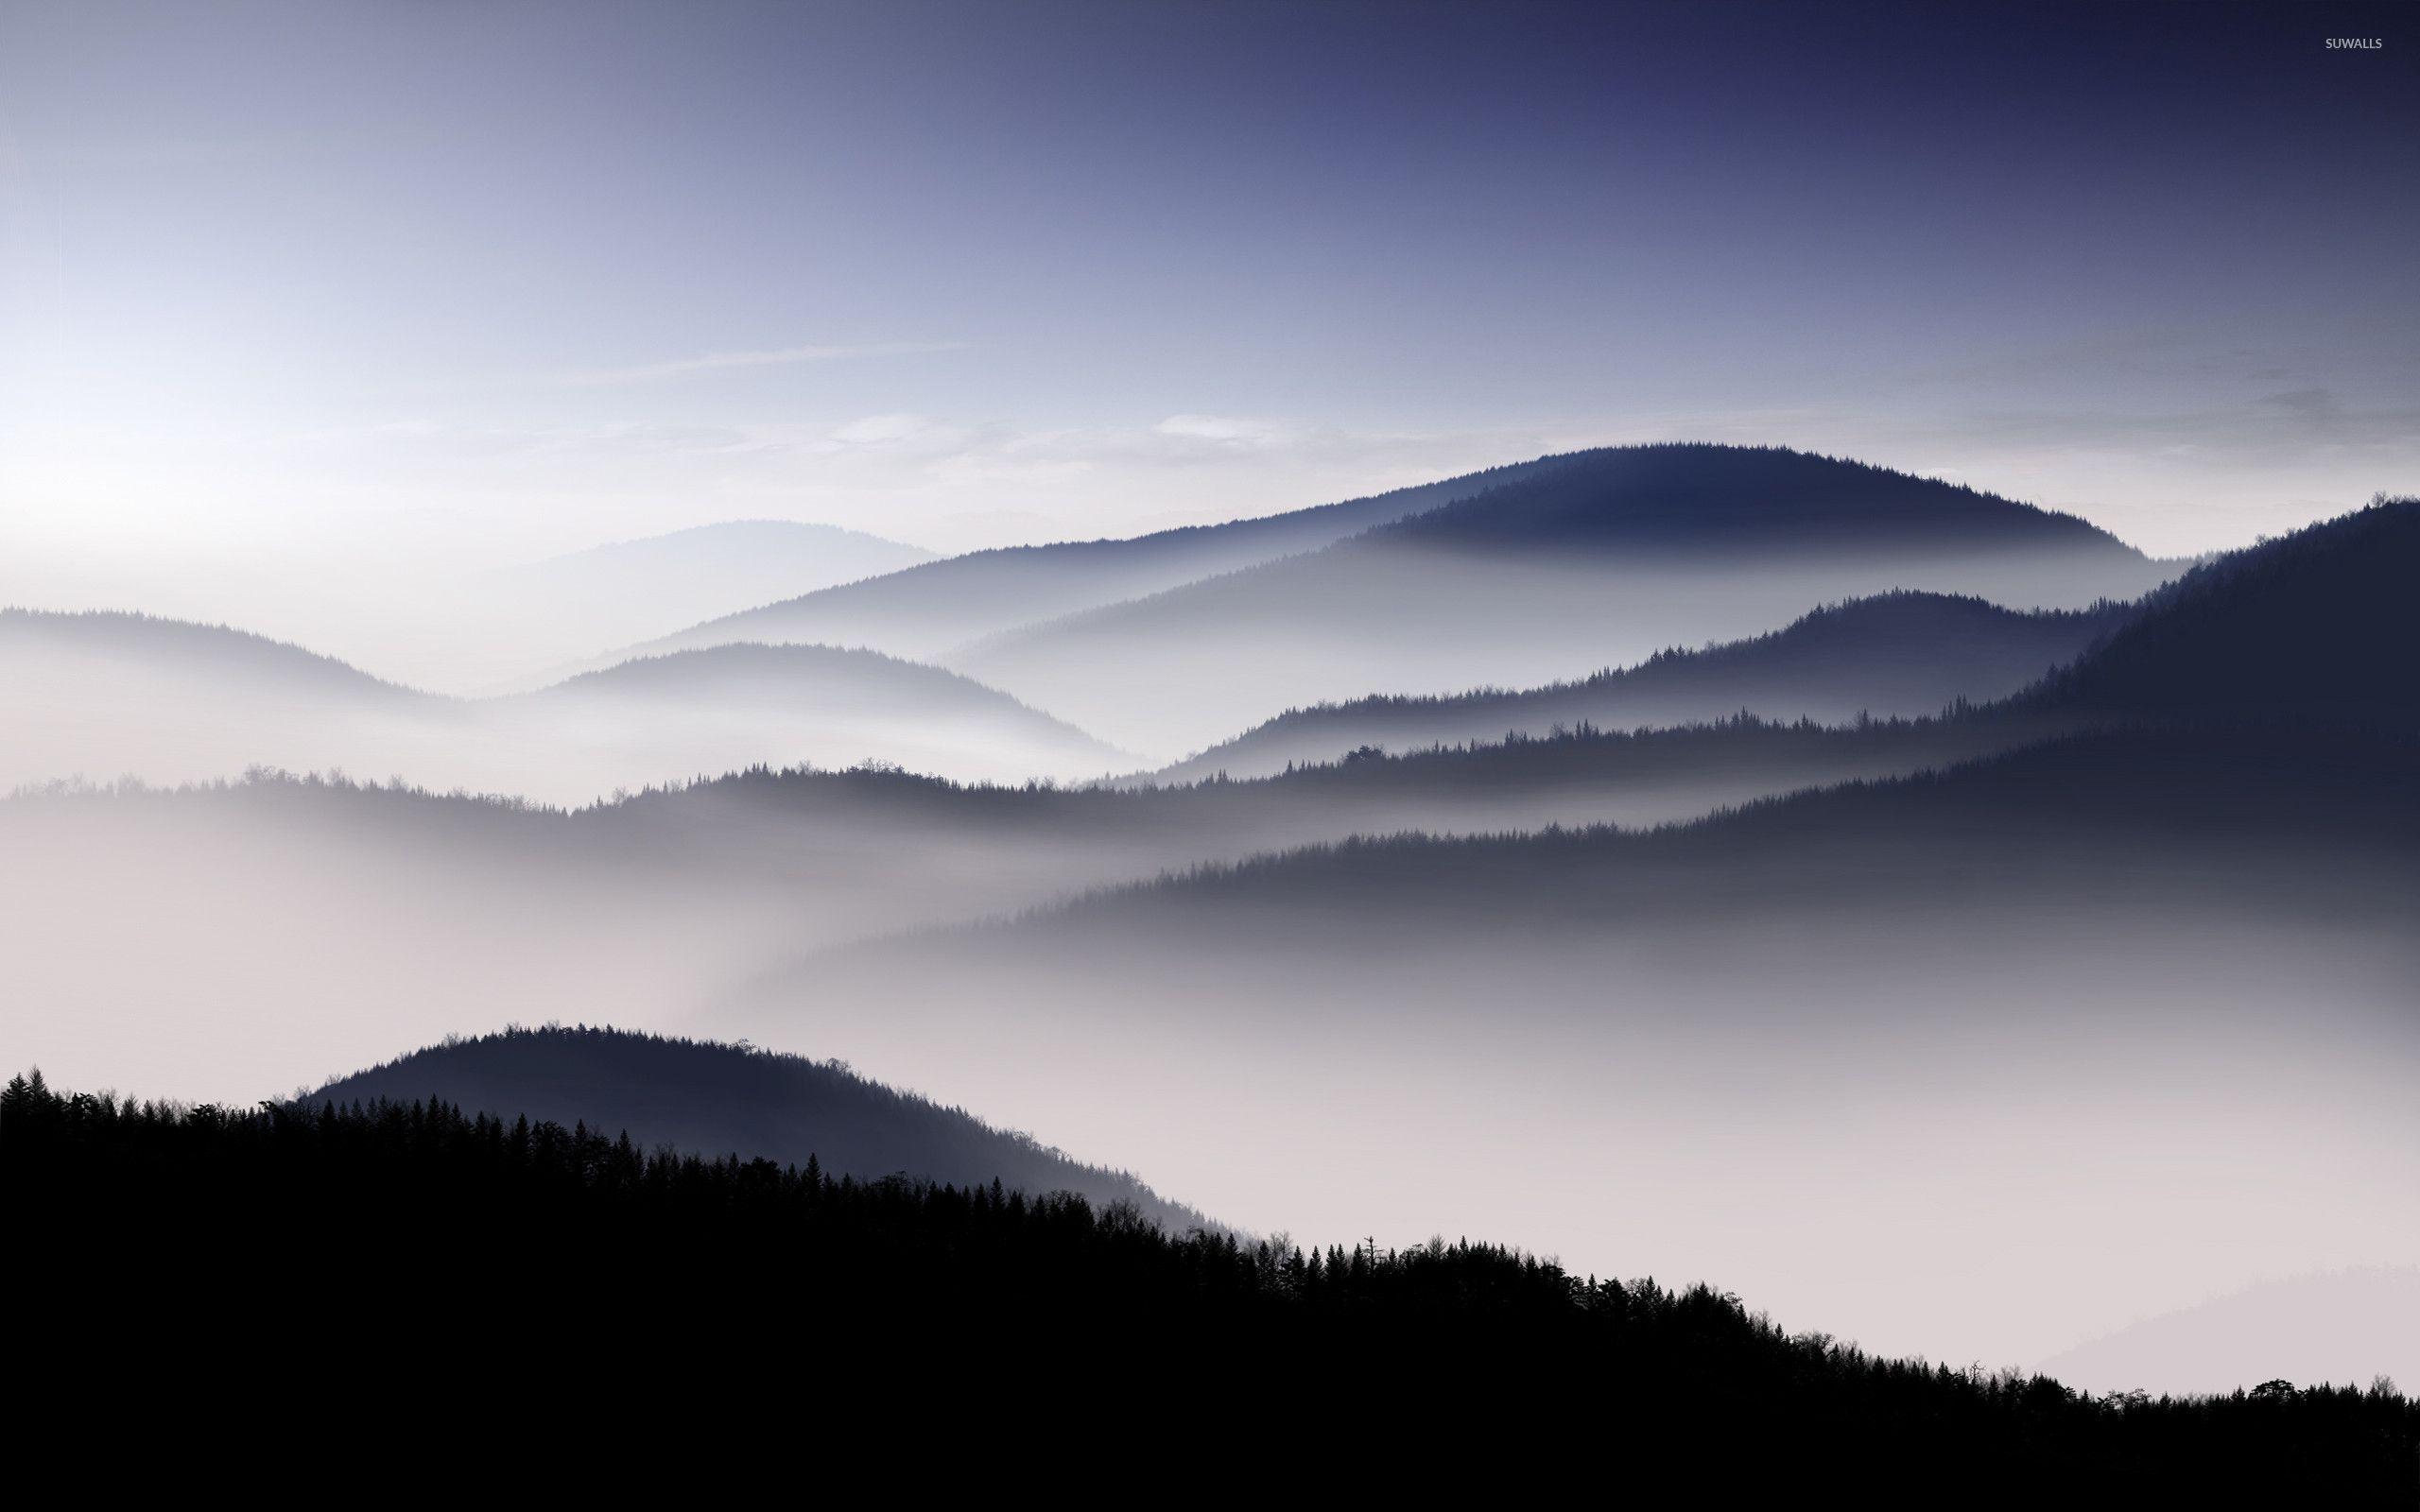 Fantastic Wallpaper Mountain Fog - fog-covered-mountain-range-29187-2560x1600  Snapshot_42754.jpg